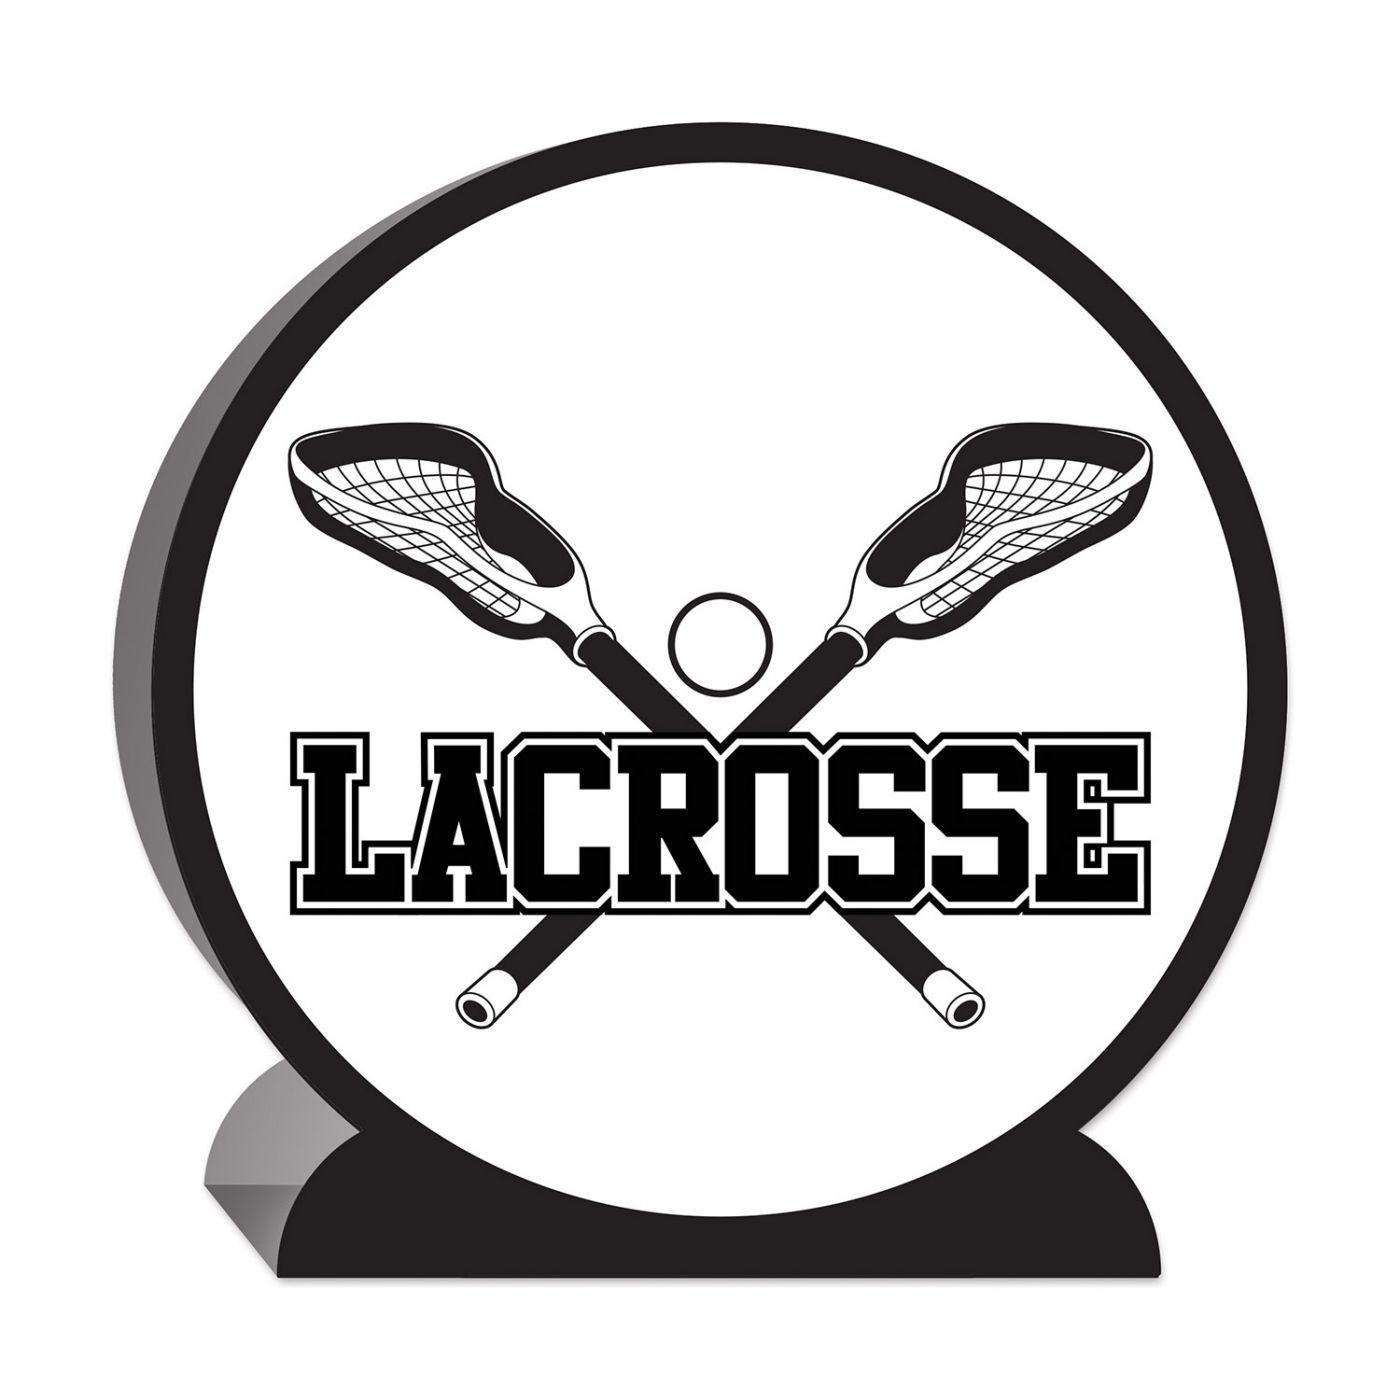 3-D Lacrosse Centerpiece image